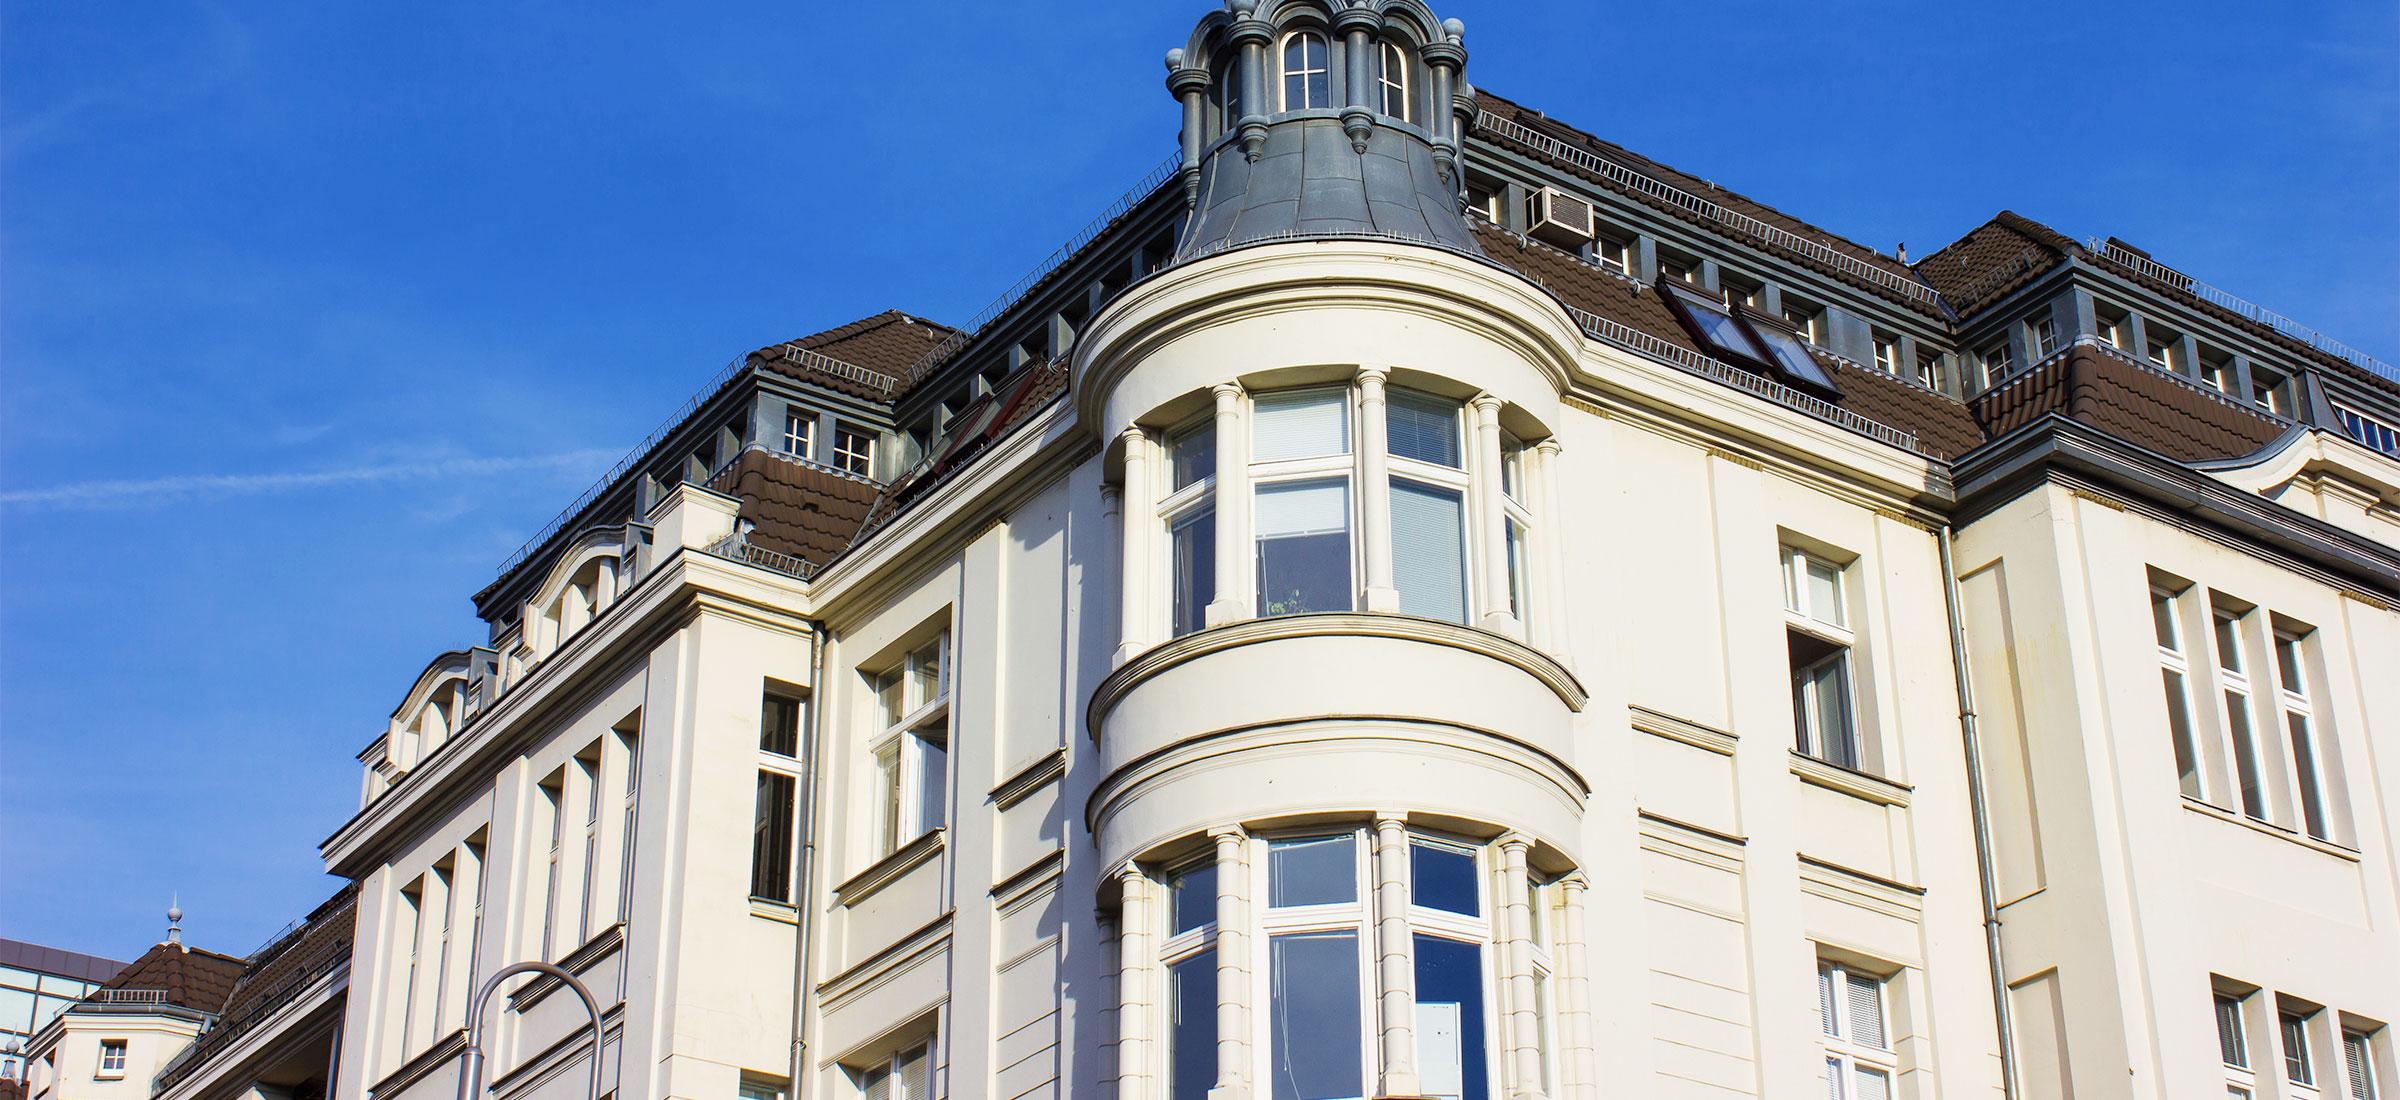 Altbau, Sanierung, Bonn, Fassaden, Wand